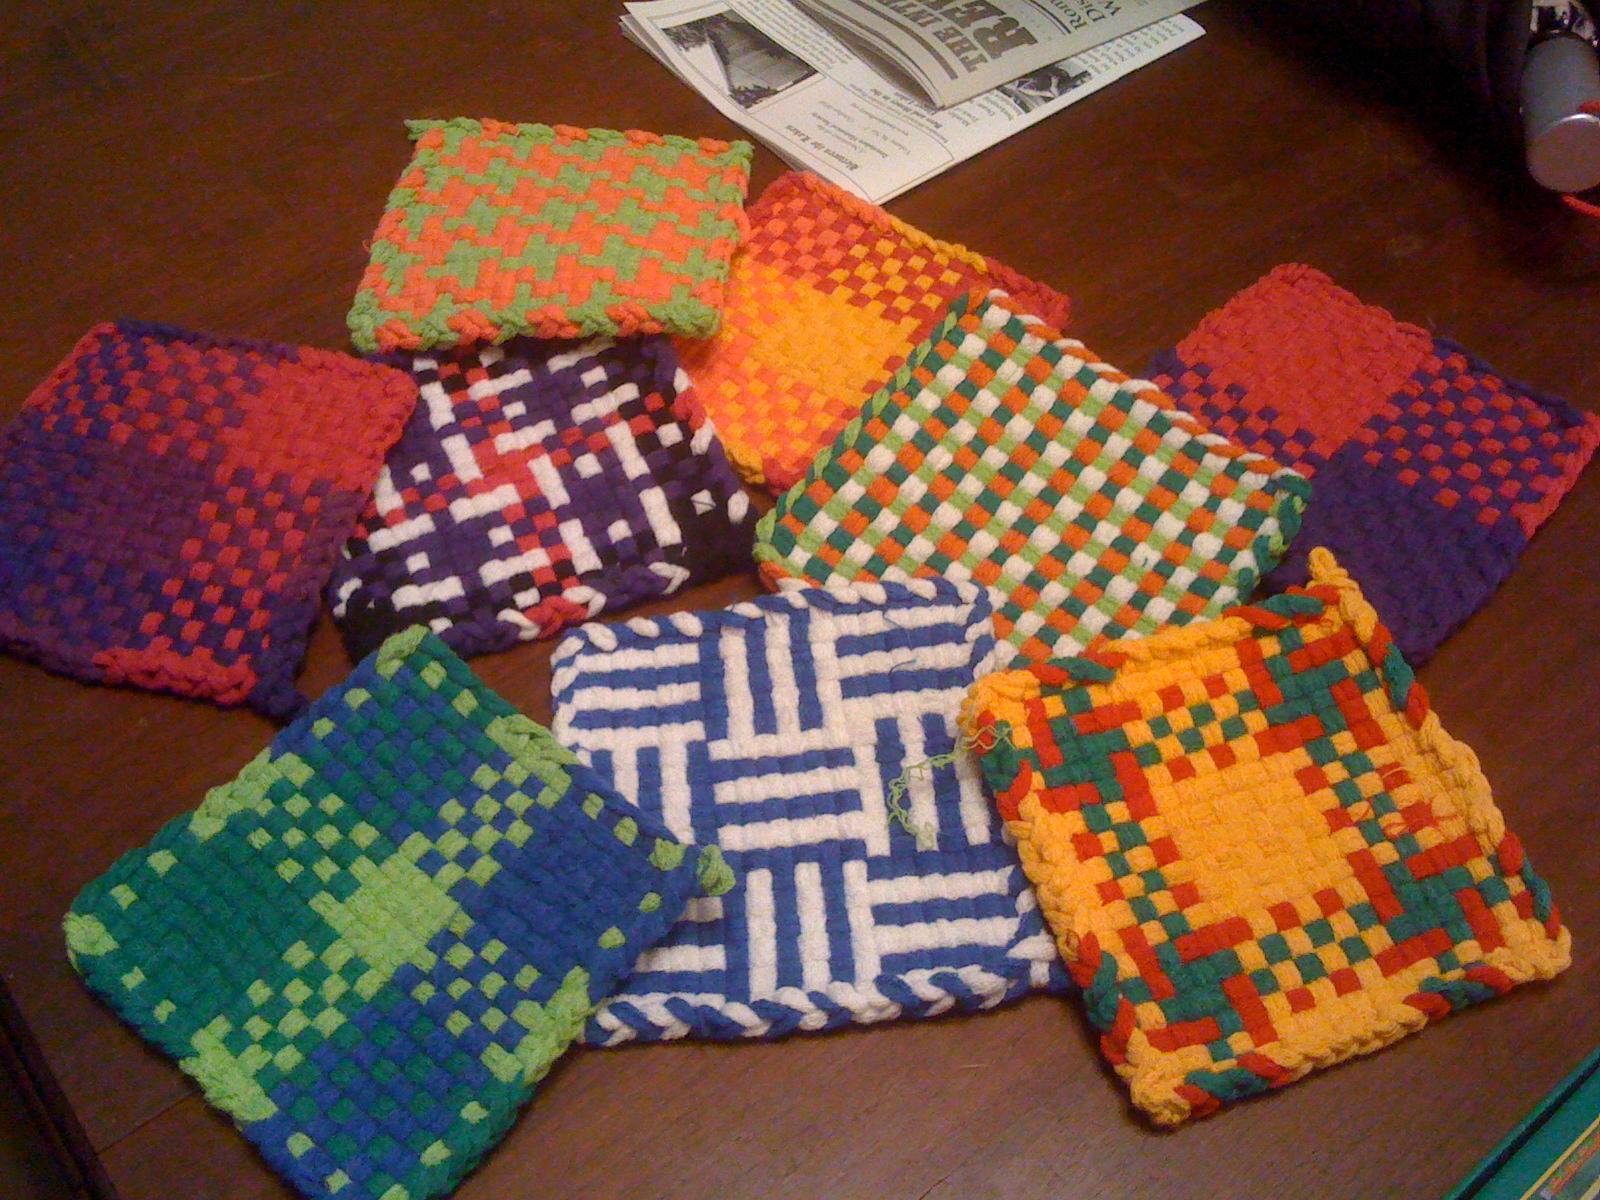 Potholder Loom Patterns Cool Decorating